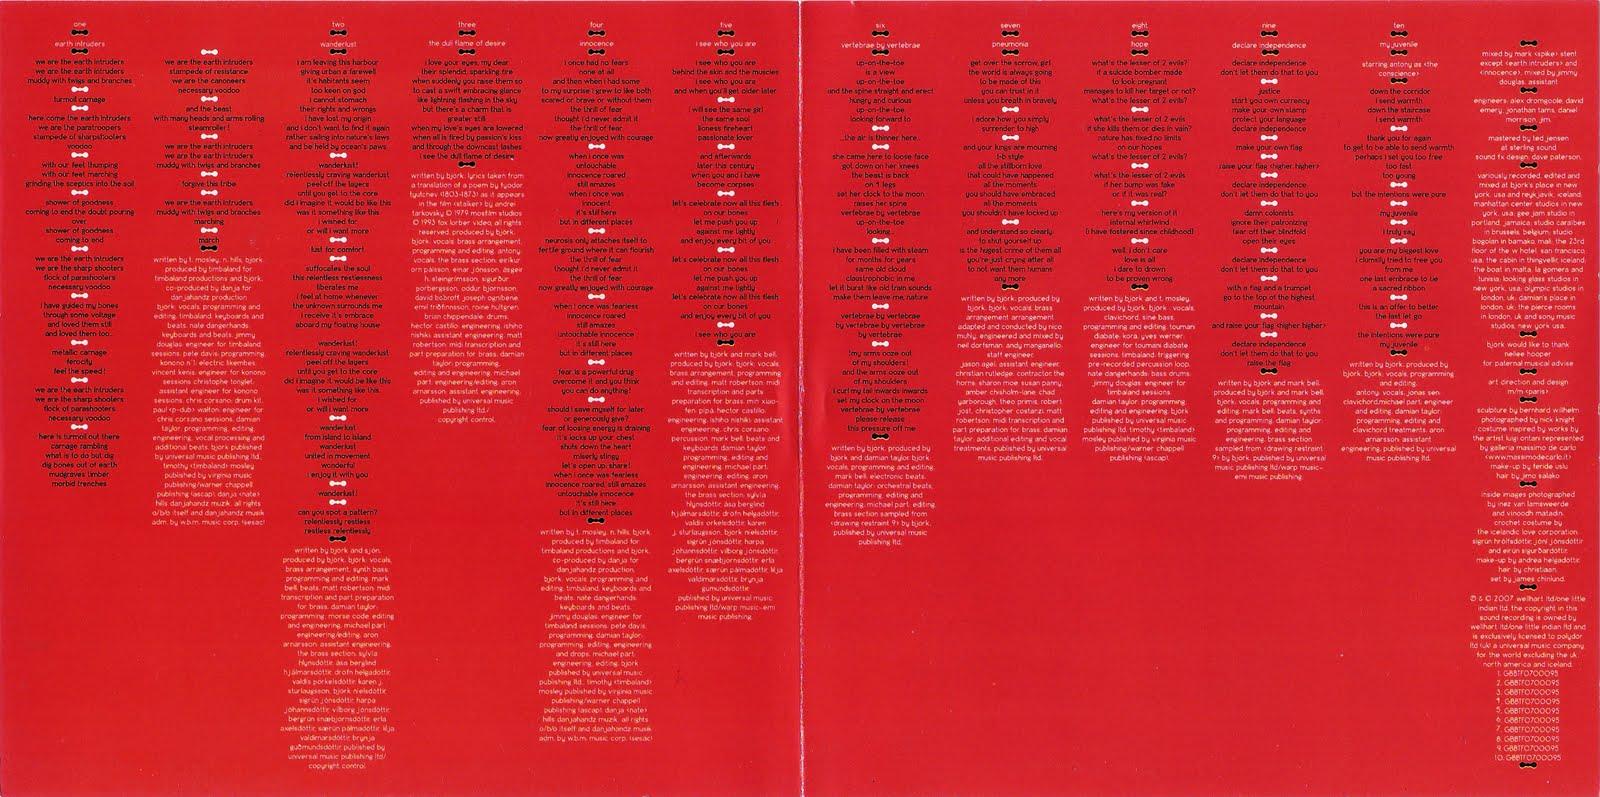 http://1.bp.blogspot.com/_YJM766qf5ps/TAwAmuho78I/AAAAAAAAFec/qngoMI3rD6g/s1600/Booklet-2.jpg